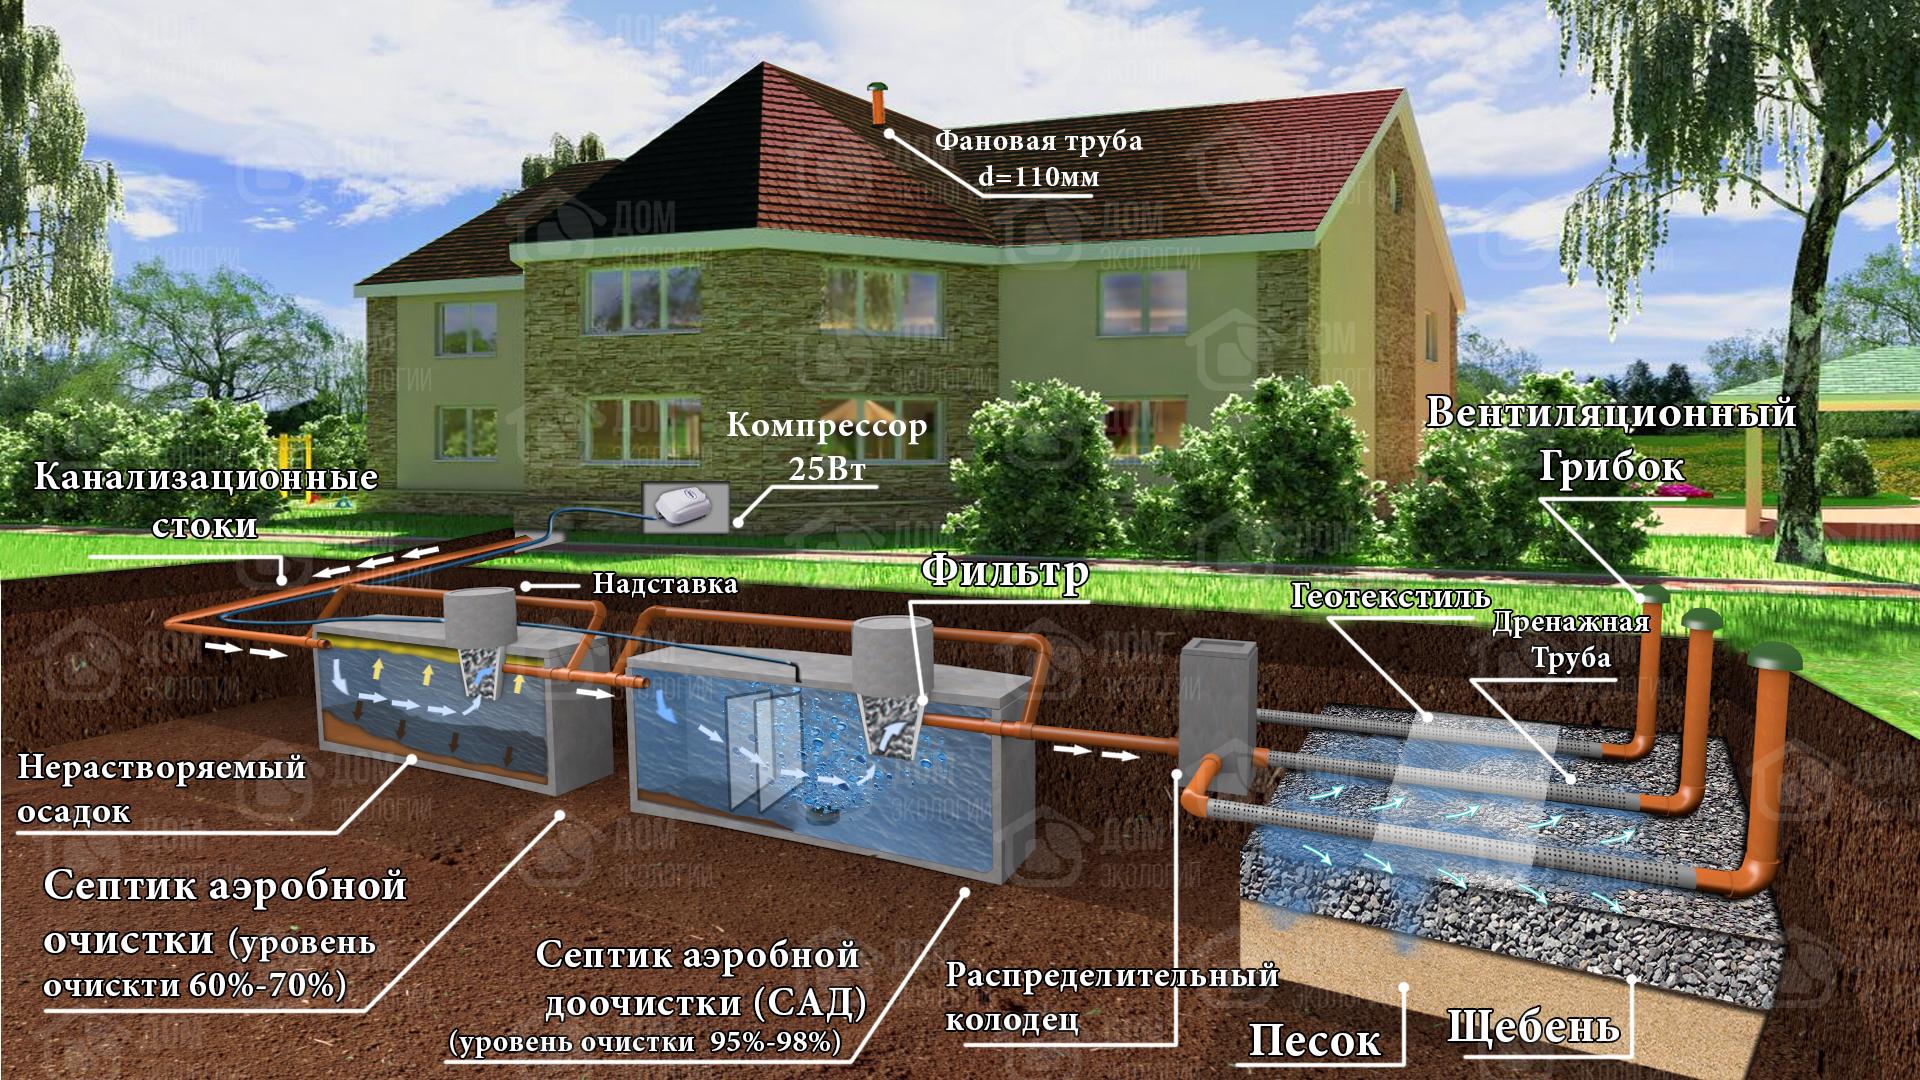 Канализация на даче своими руками: выбор септика правила монтажа